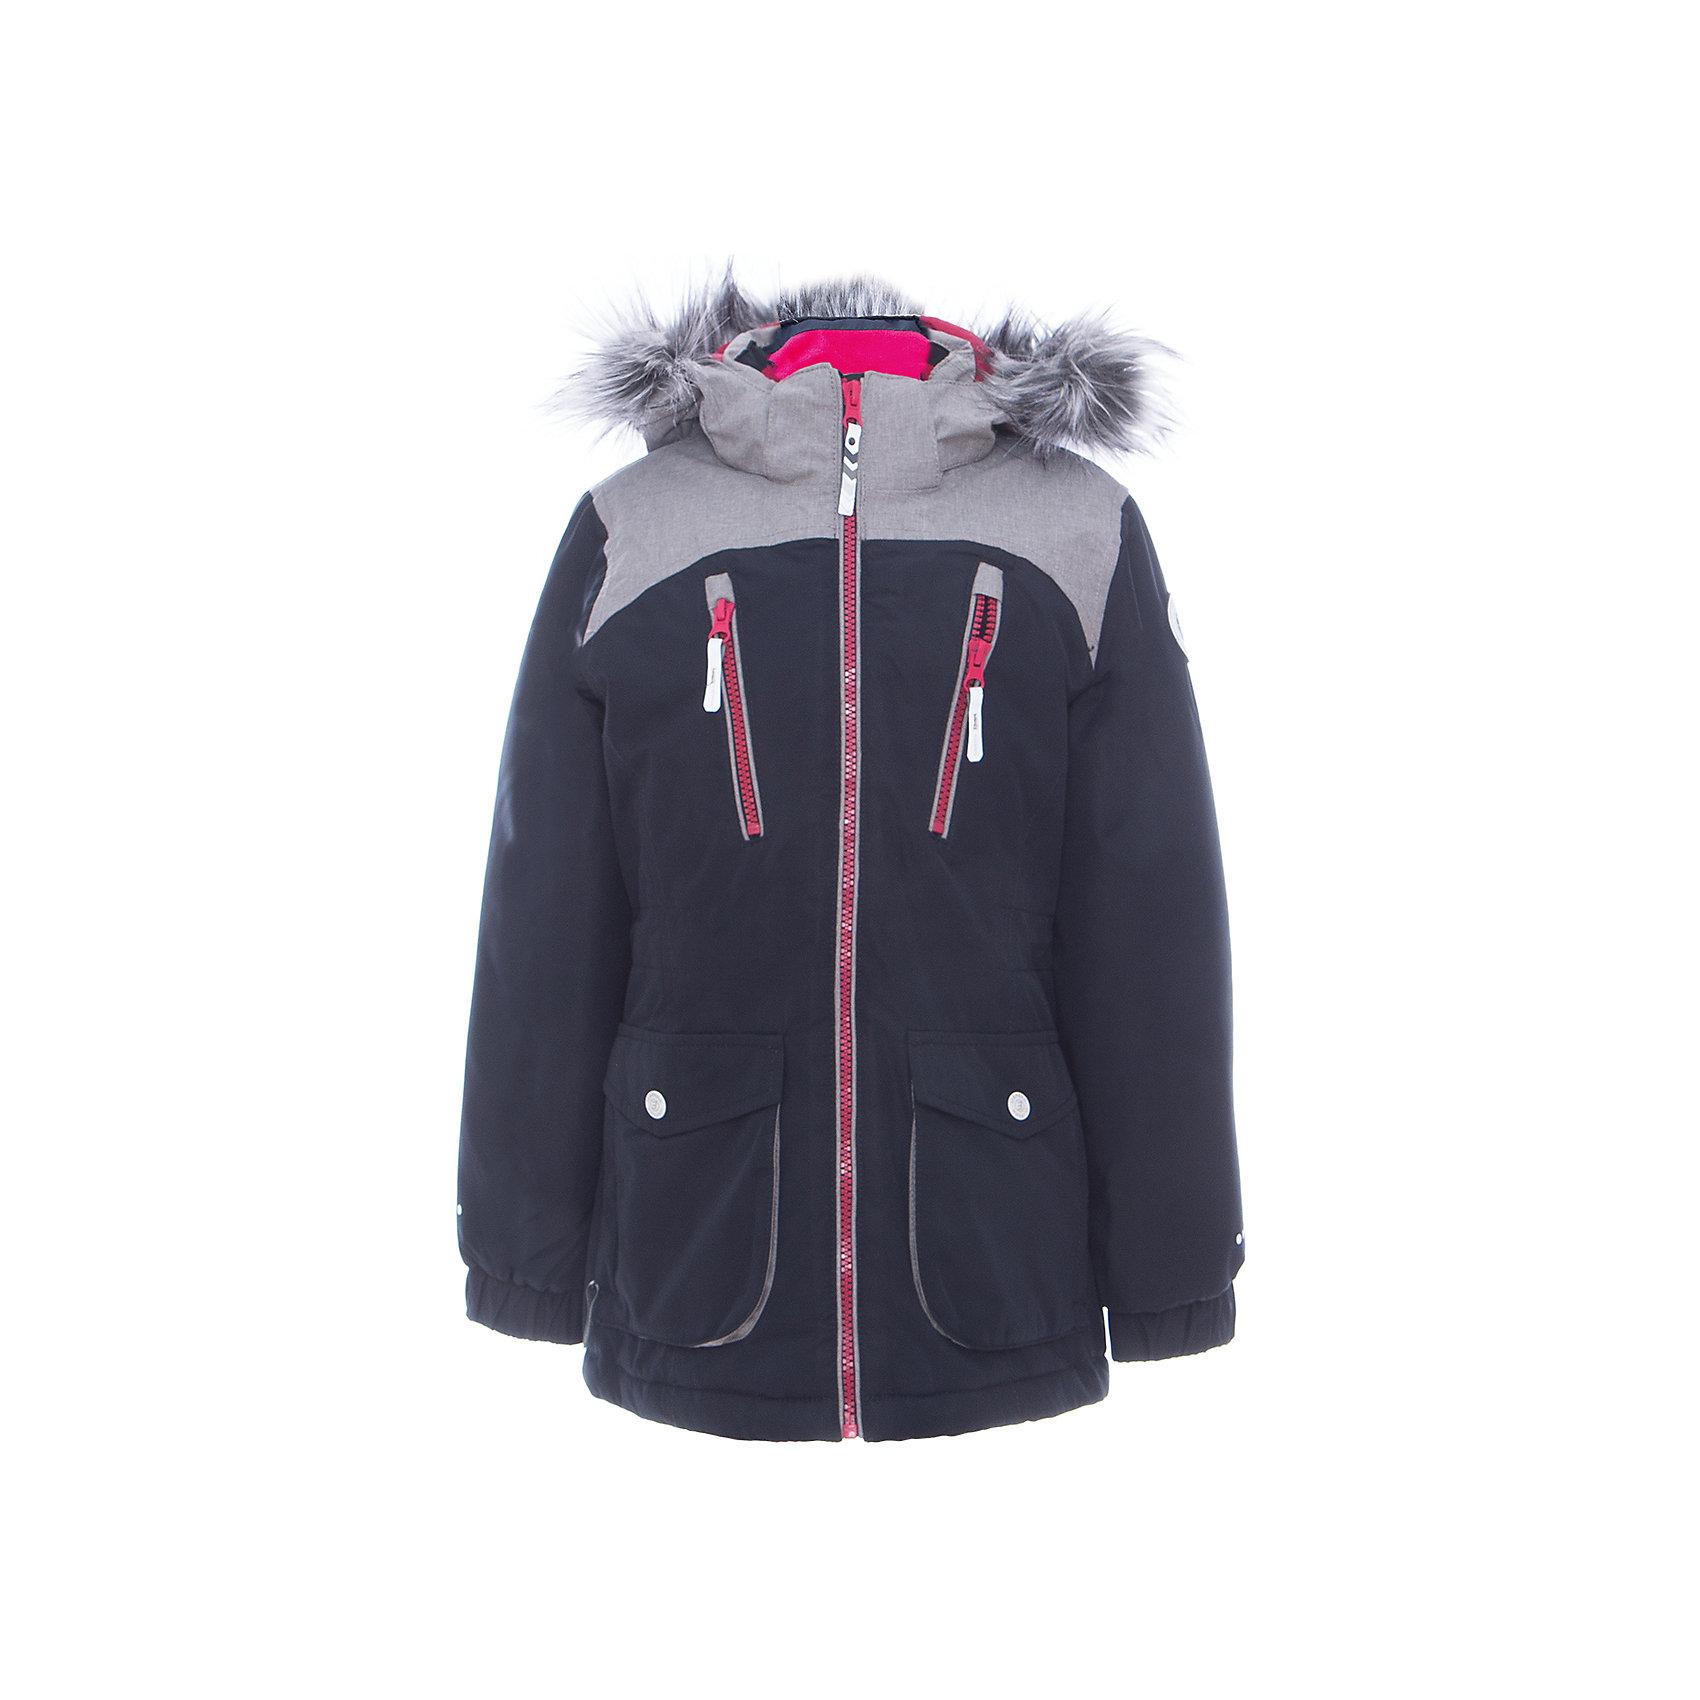 Куртка для девочки ICEPEAKОдежда<br>Куртка для девочки от известного бренда ICEPEAK.<br>Куртка с отстегивающимся капюшоном, капюшон из меланжевой ткани с искусственным мехом, по плечам вставка из меланжевой ткани, молния закрыта планкой с внутренней стороны, сформированный локоть, утяжка в нижней части куртки, утяжка по талии, рукав заканчивается эластичной резинкой, утепленные и мягкие накладные карманы , мягкий и теплый внутренний воротник, светоотражающие элементы, искусственный утеплитель Finnwad, утепление 220/200 гр., рекомендуемый температурный режим до -30 град.,Icetech 10 000mm/5000 g, 2-layer, Taped seams, Children's safety, Reflectors<br>Состав:<br>100% полиэстер<br><br>Ширина мм: 356<br>Глубина мм: 10<br>Высота мм: 245<br>Вес г: 519<br>Цвет: серый<br>Возраст от месяцев: 84<br>Возраст до месяцев: 96<br>Пол: Женский<br>Возраст: Детский<br>Размер: 128,176,140,152,164<br>SKU: 5413959